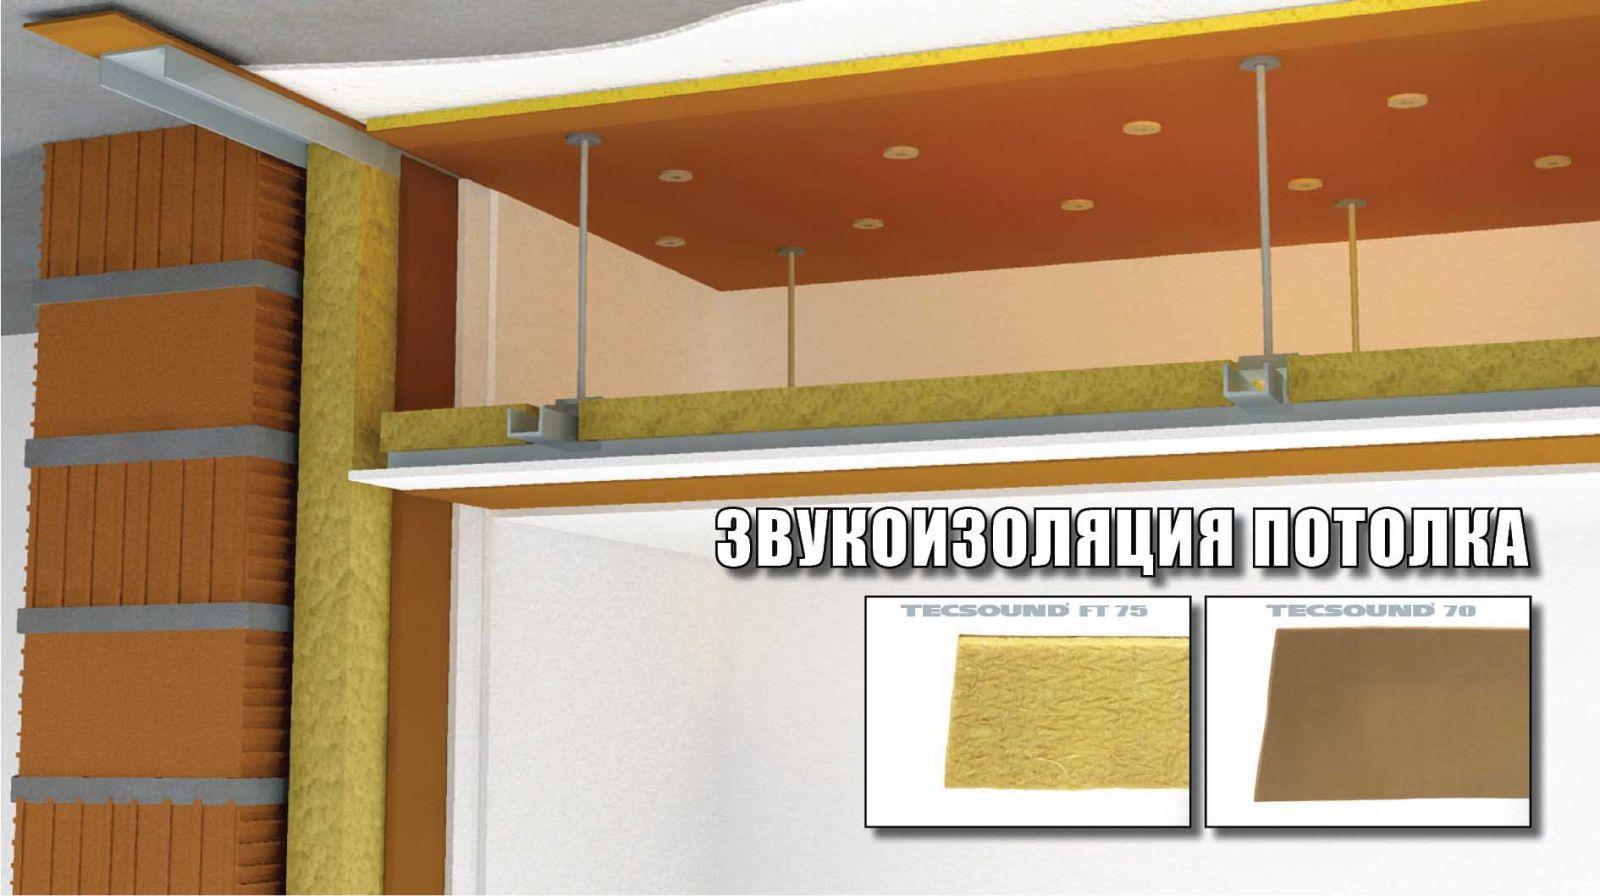 Шумоизоляции потолка в квартире своими руками: методы и 67